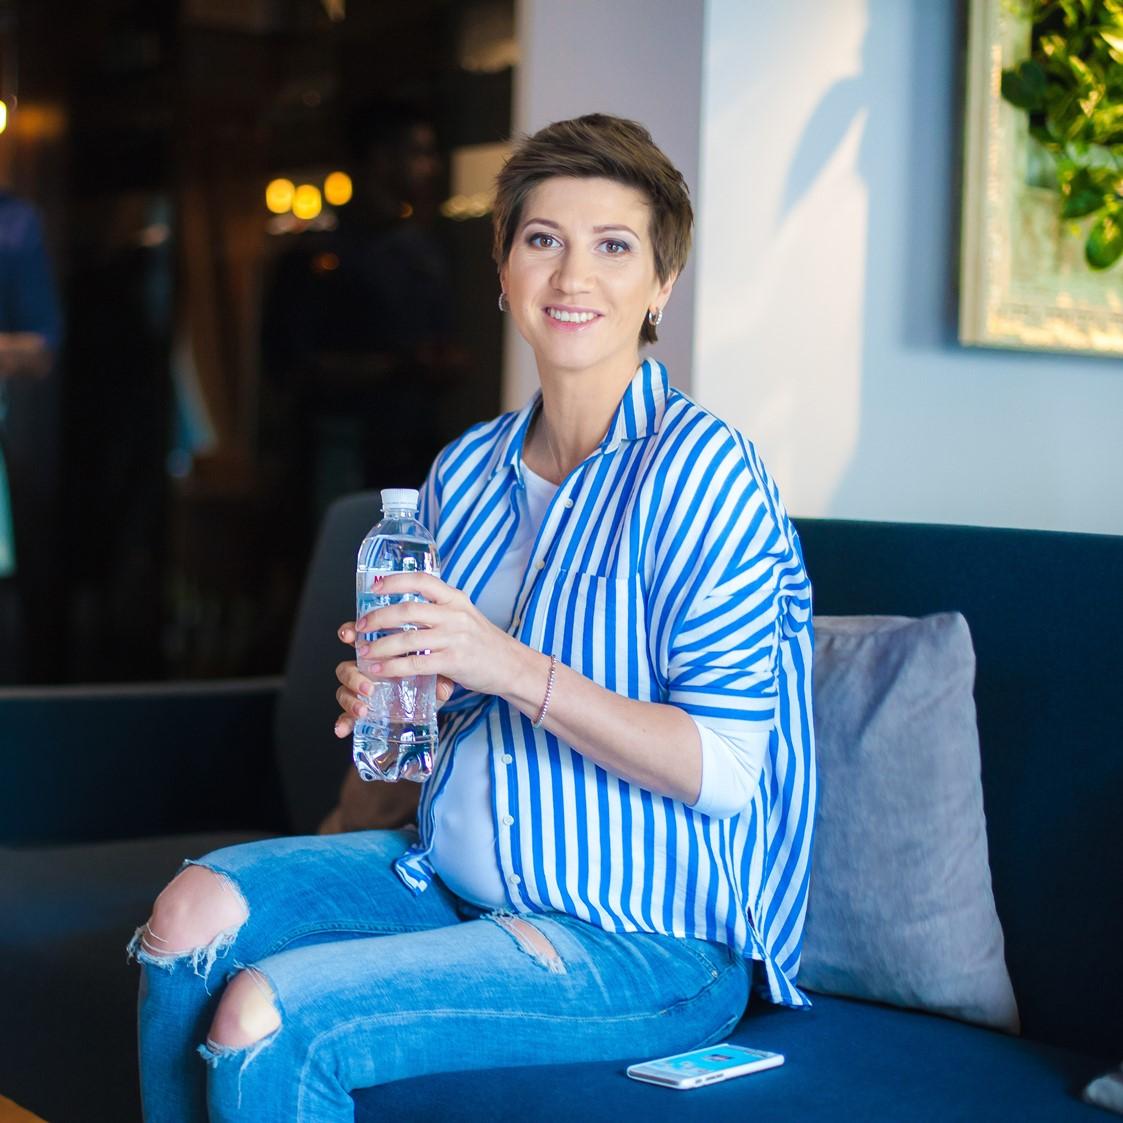 Healthy жизнь: Здоровые лайфхаки от Аниты Луценко